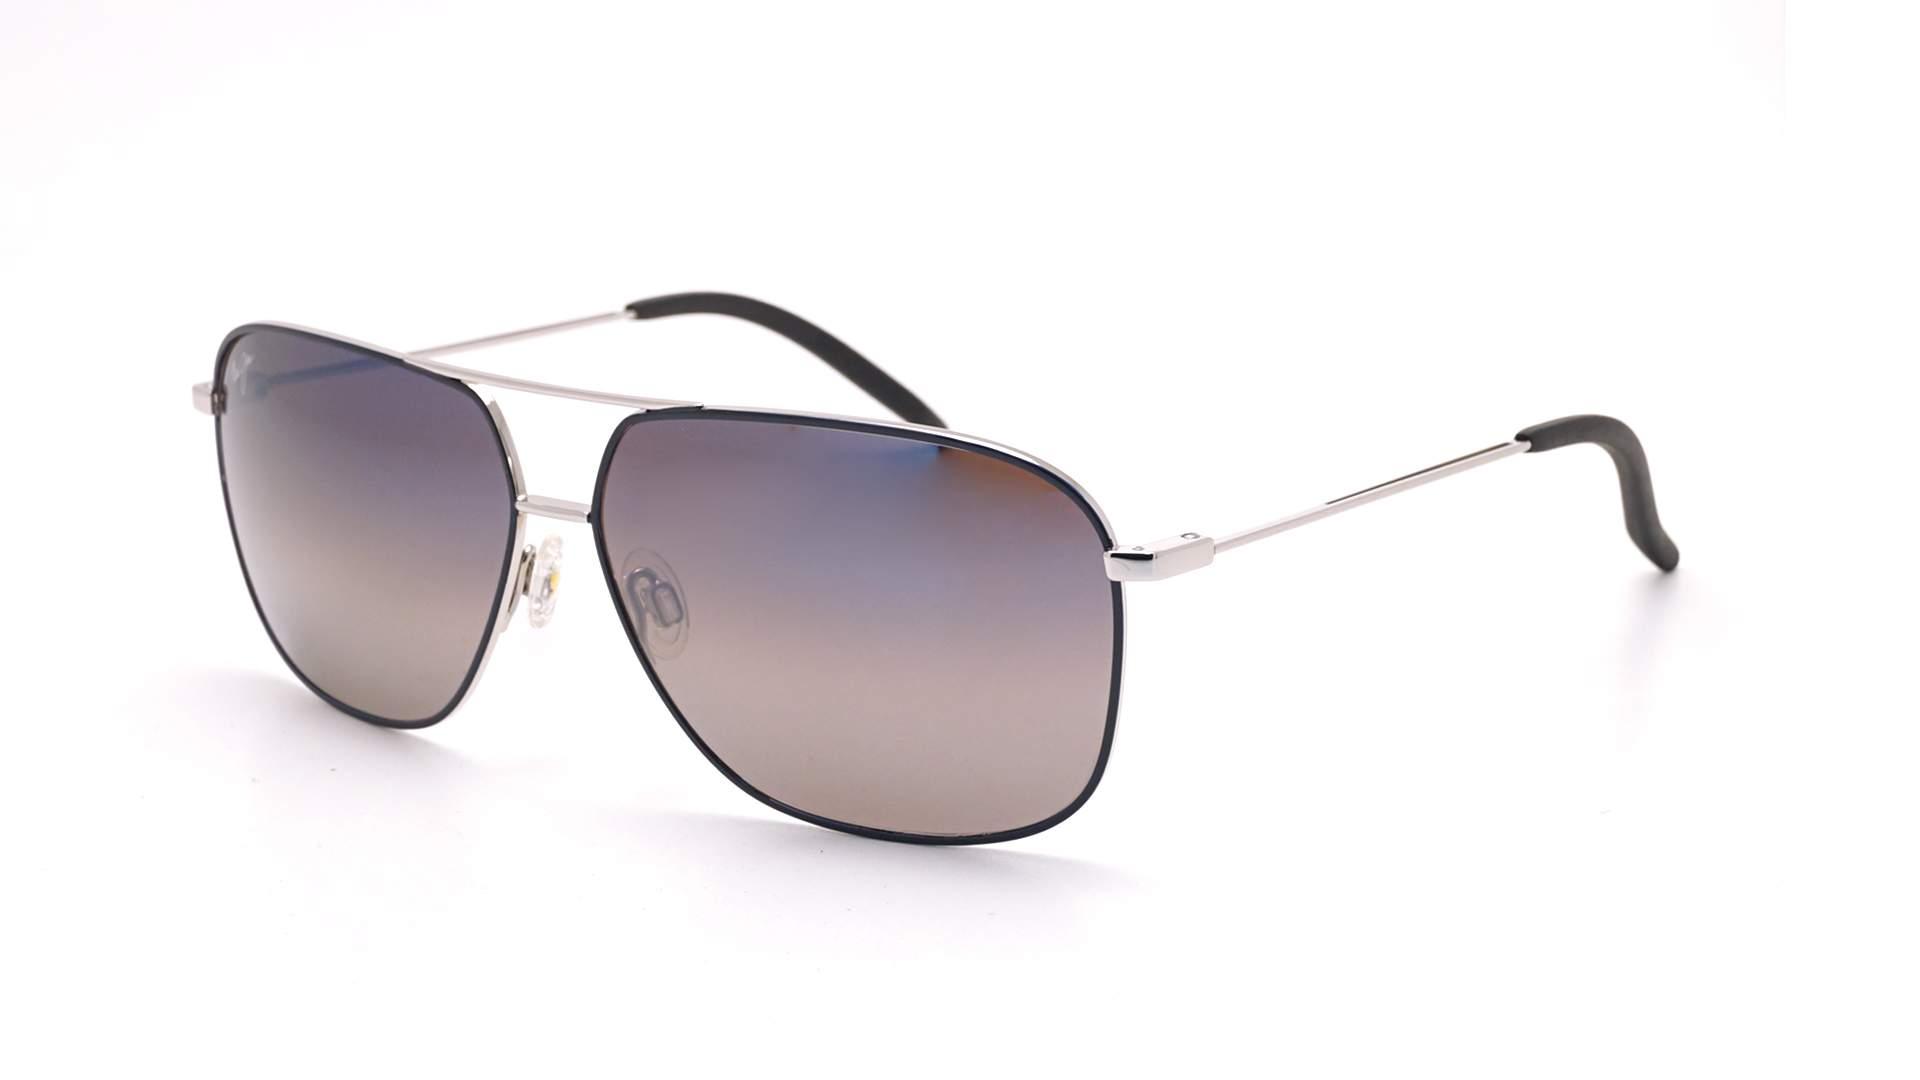 Maui Jim Kami Silber Super thin glass DBS778 06A 62 12 Breit Polarisierte Gläser Gradient Gläser Verspiegelte Gläser